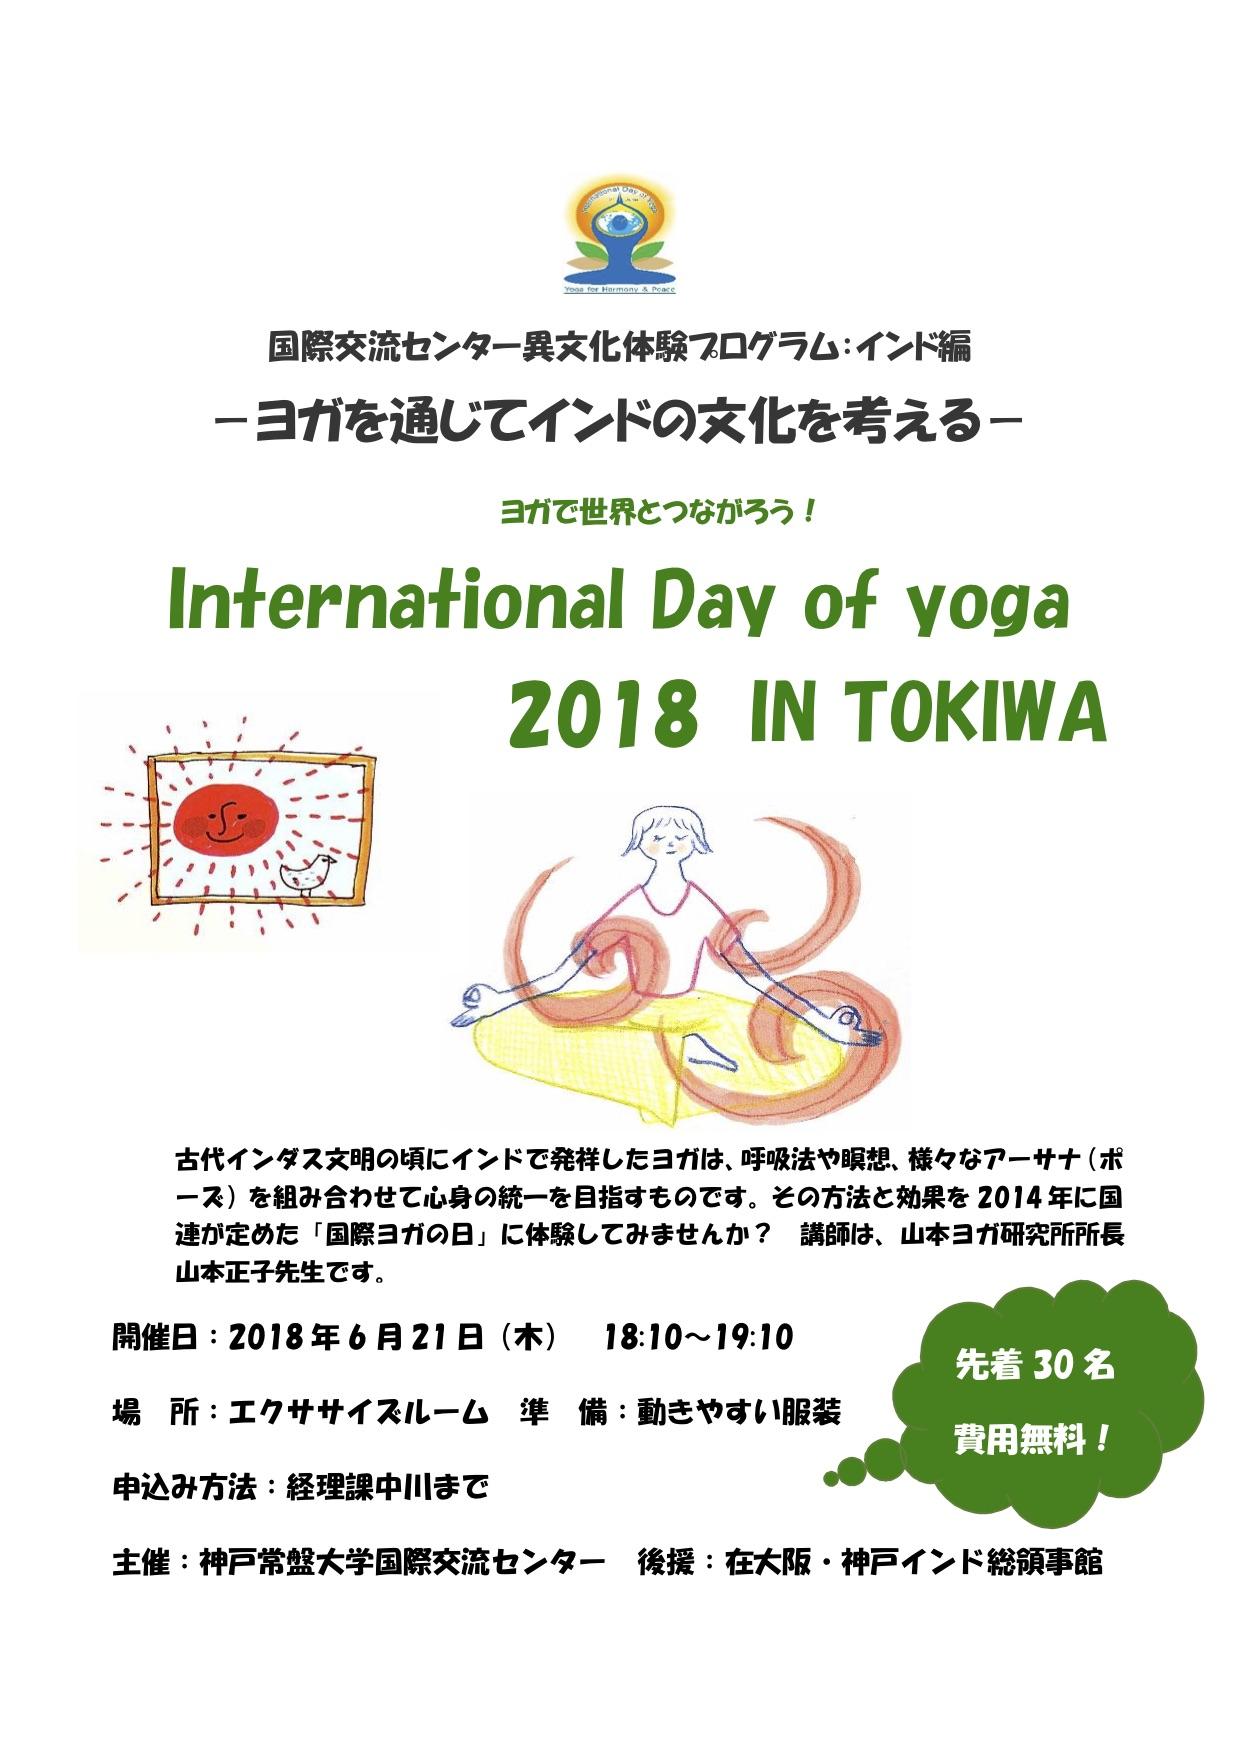 神戸常磐大学で講演いたします「ヨガで世界とつながろう」ー2018年6月21日(木)